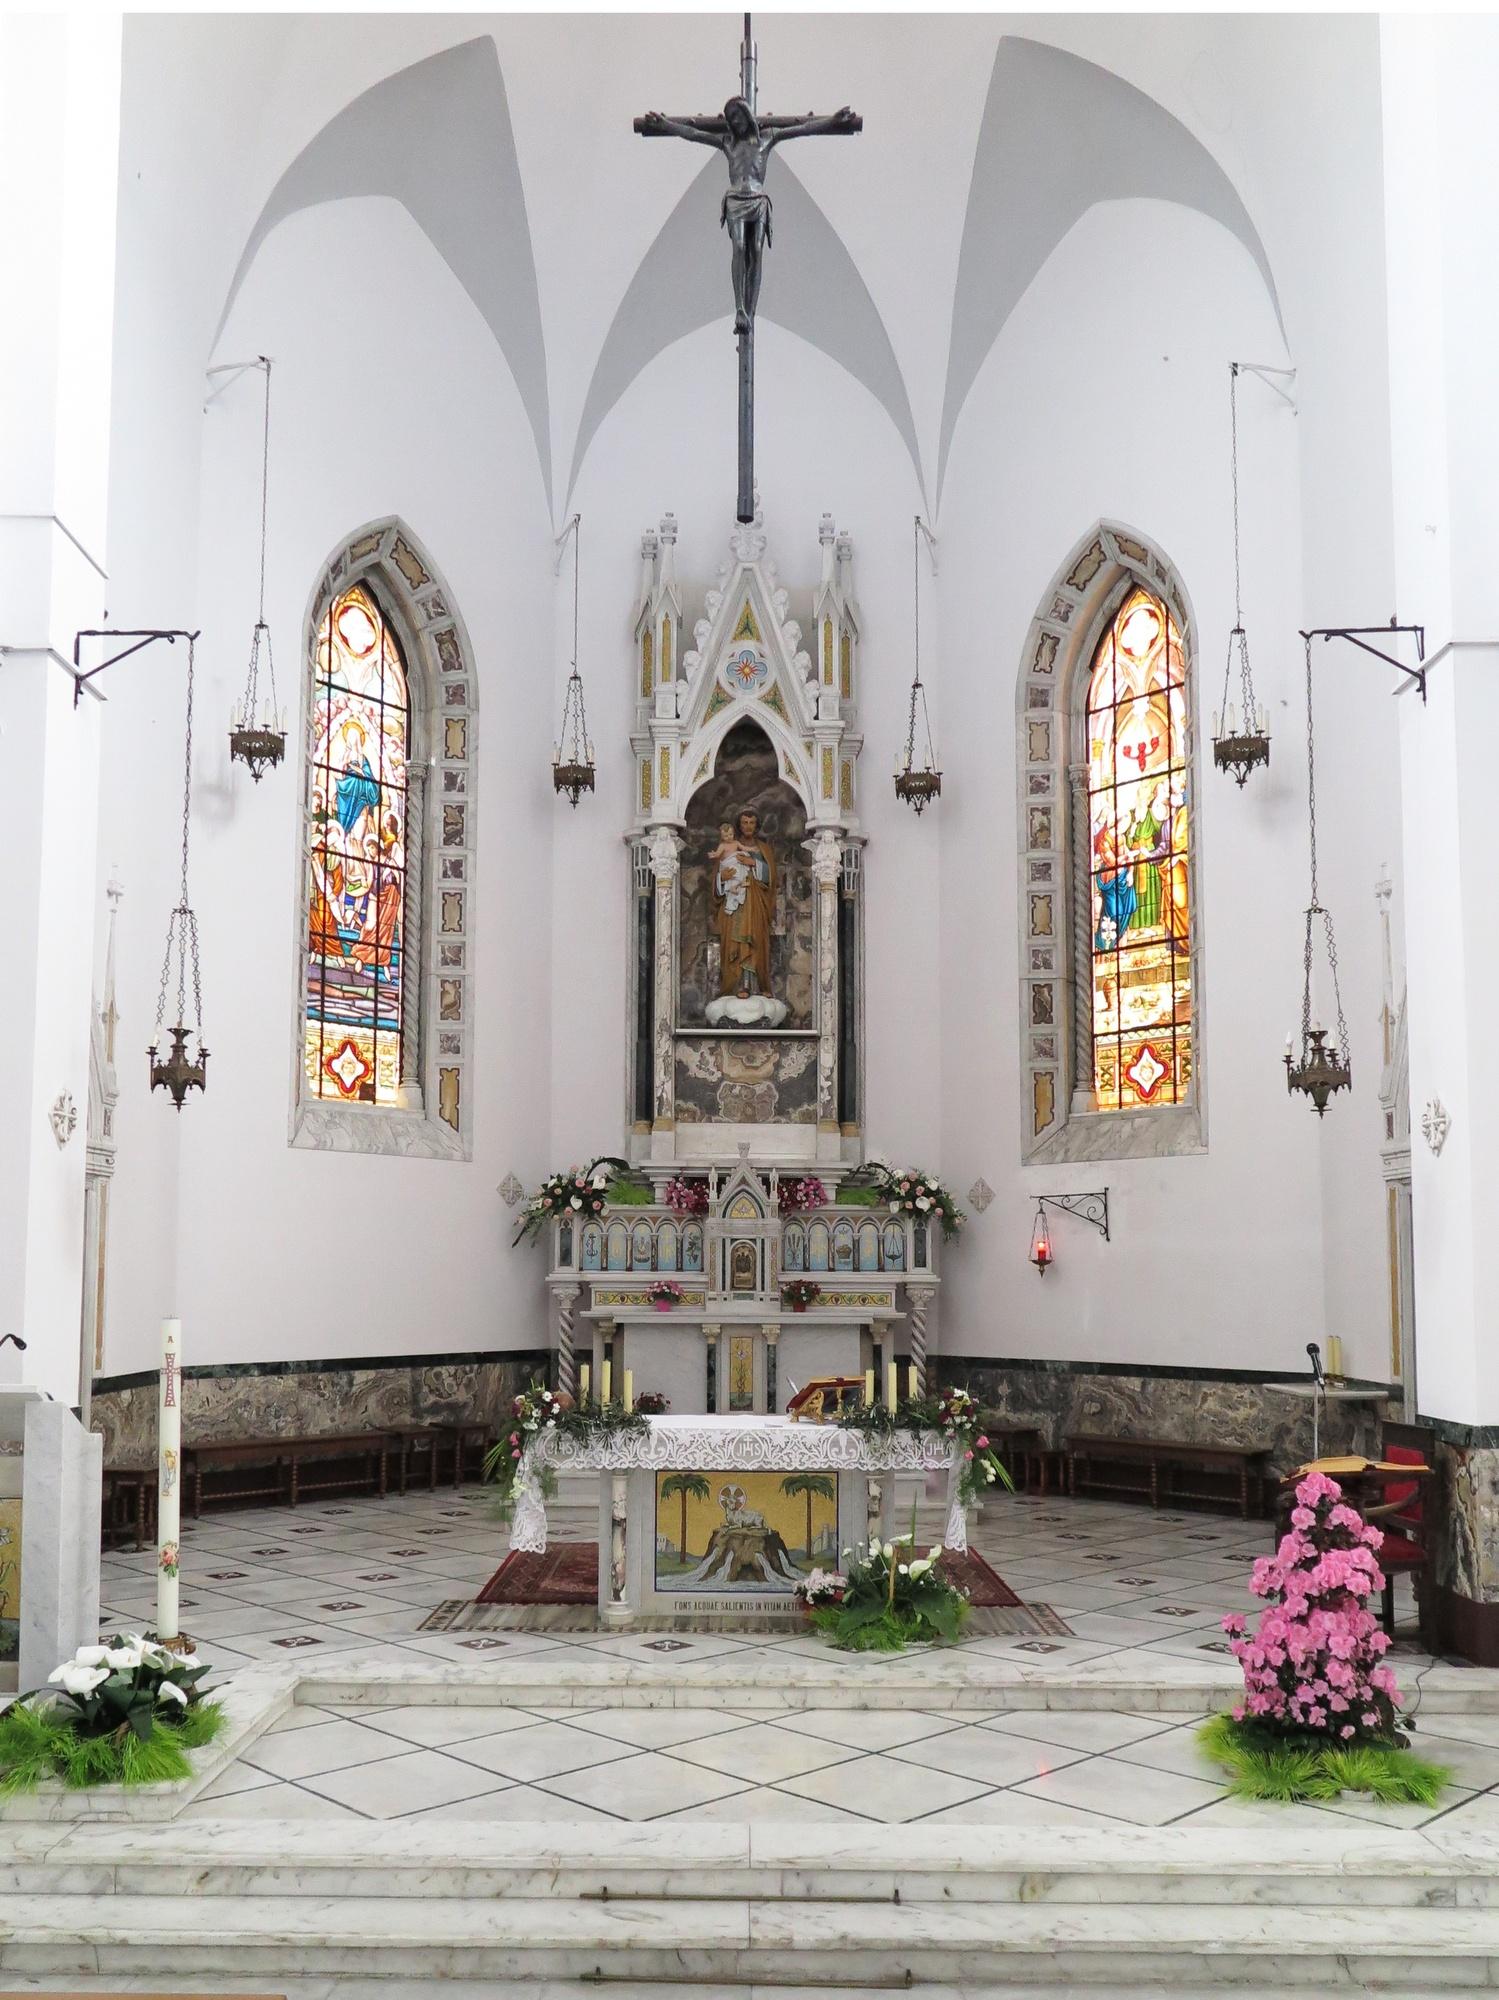 chiesa-pasqua-2016-03-27-12-52-43